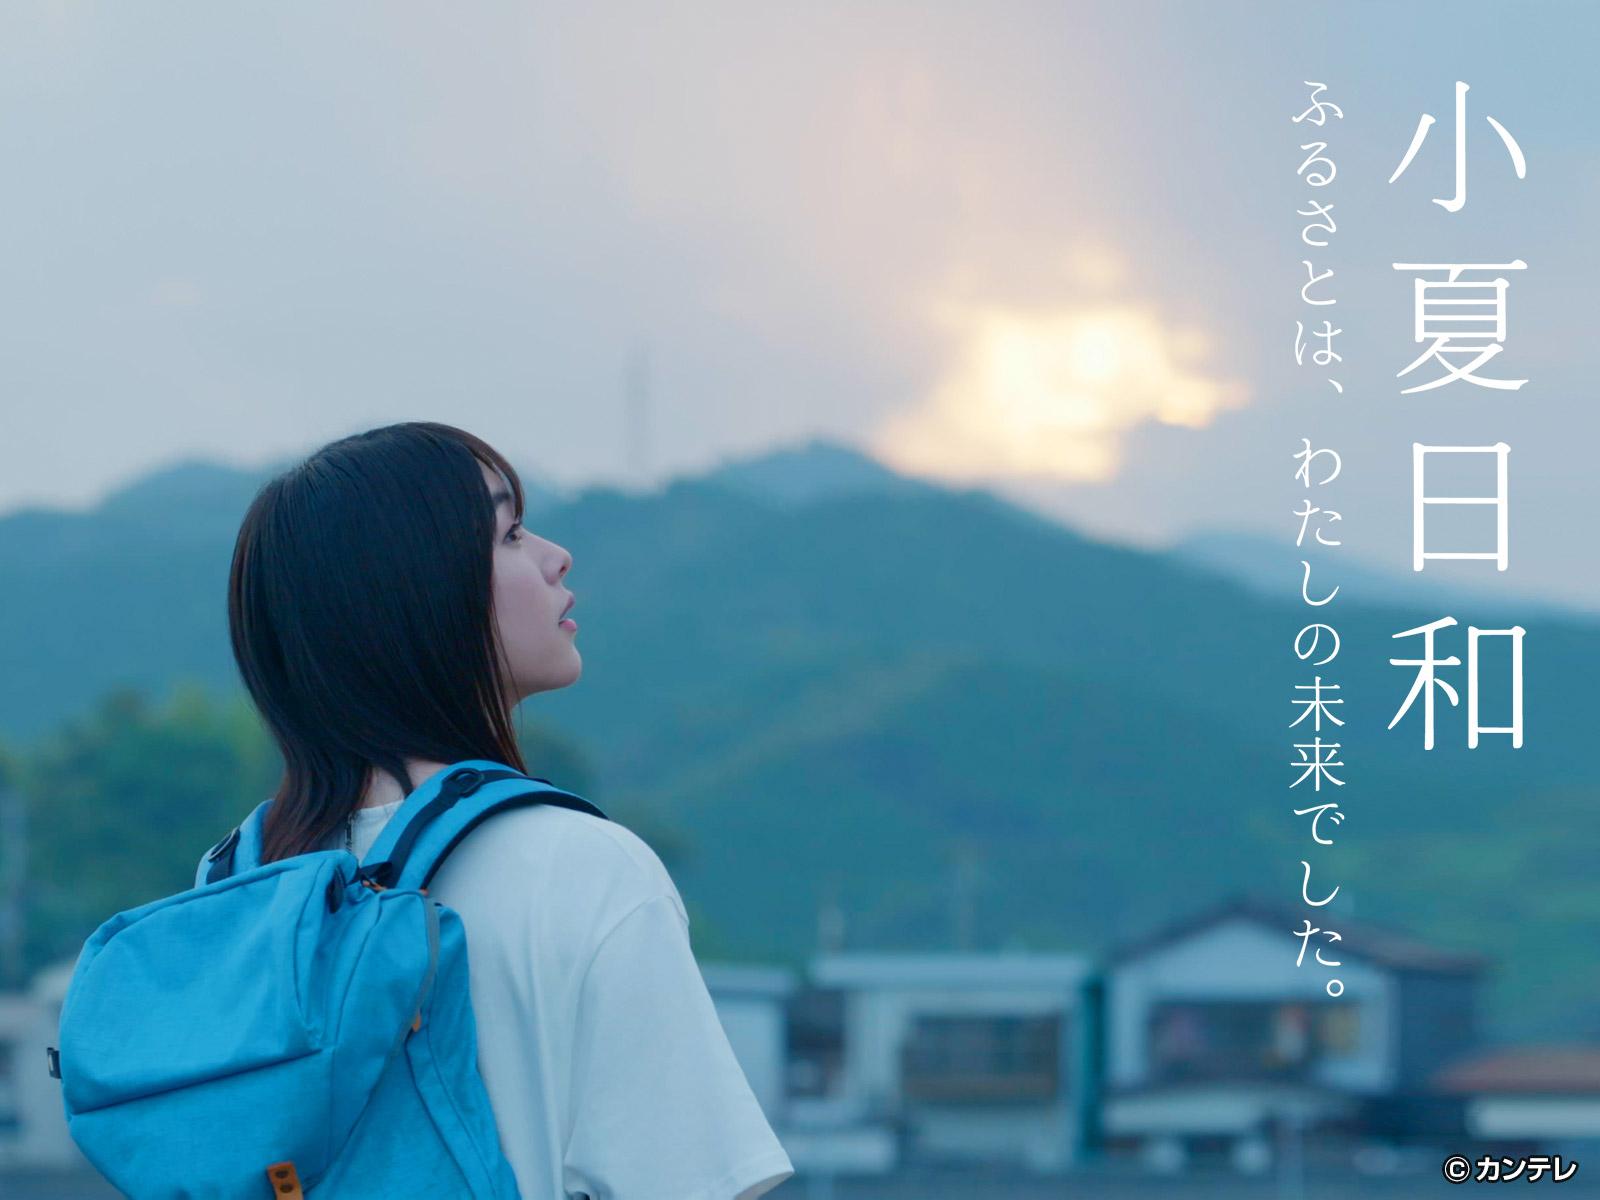 見逃し無料配信/ニューヨークフェスティバル銀賞受賞「小夏日和」ふるさとは、わたしの未来でした。 2019/09/29放送分